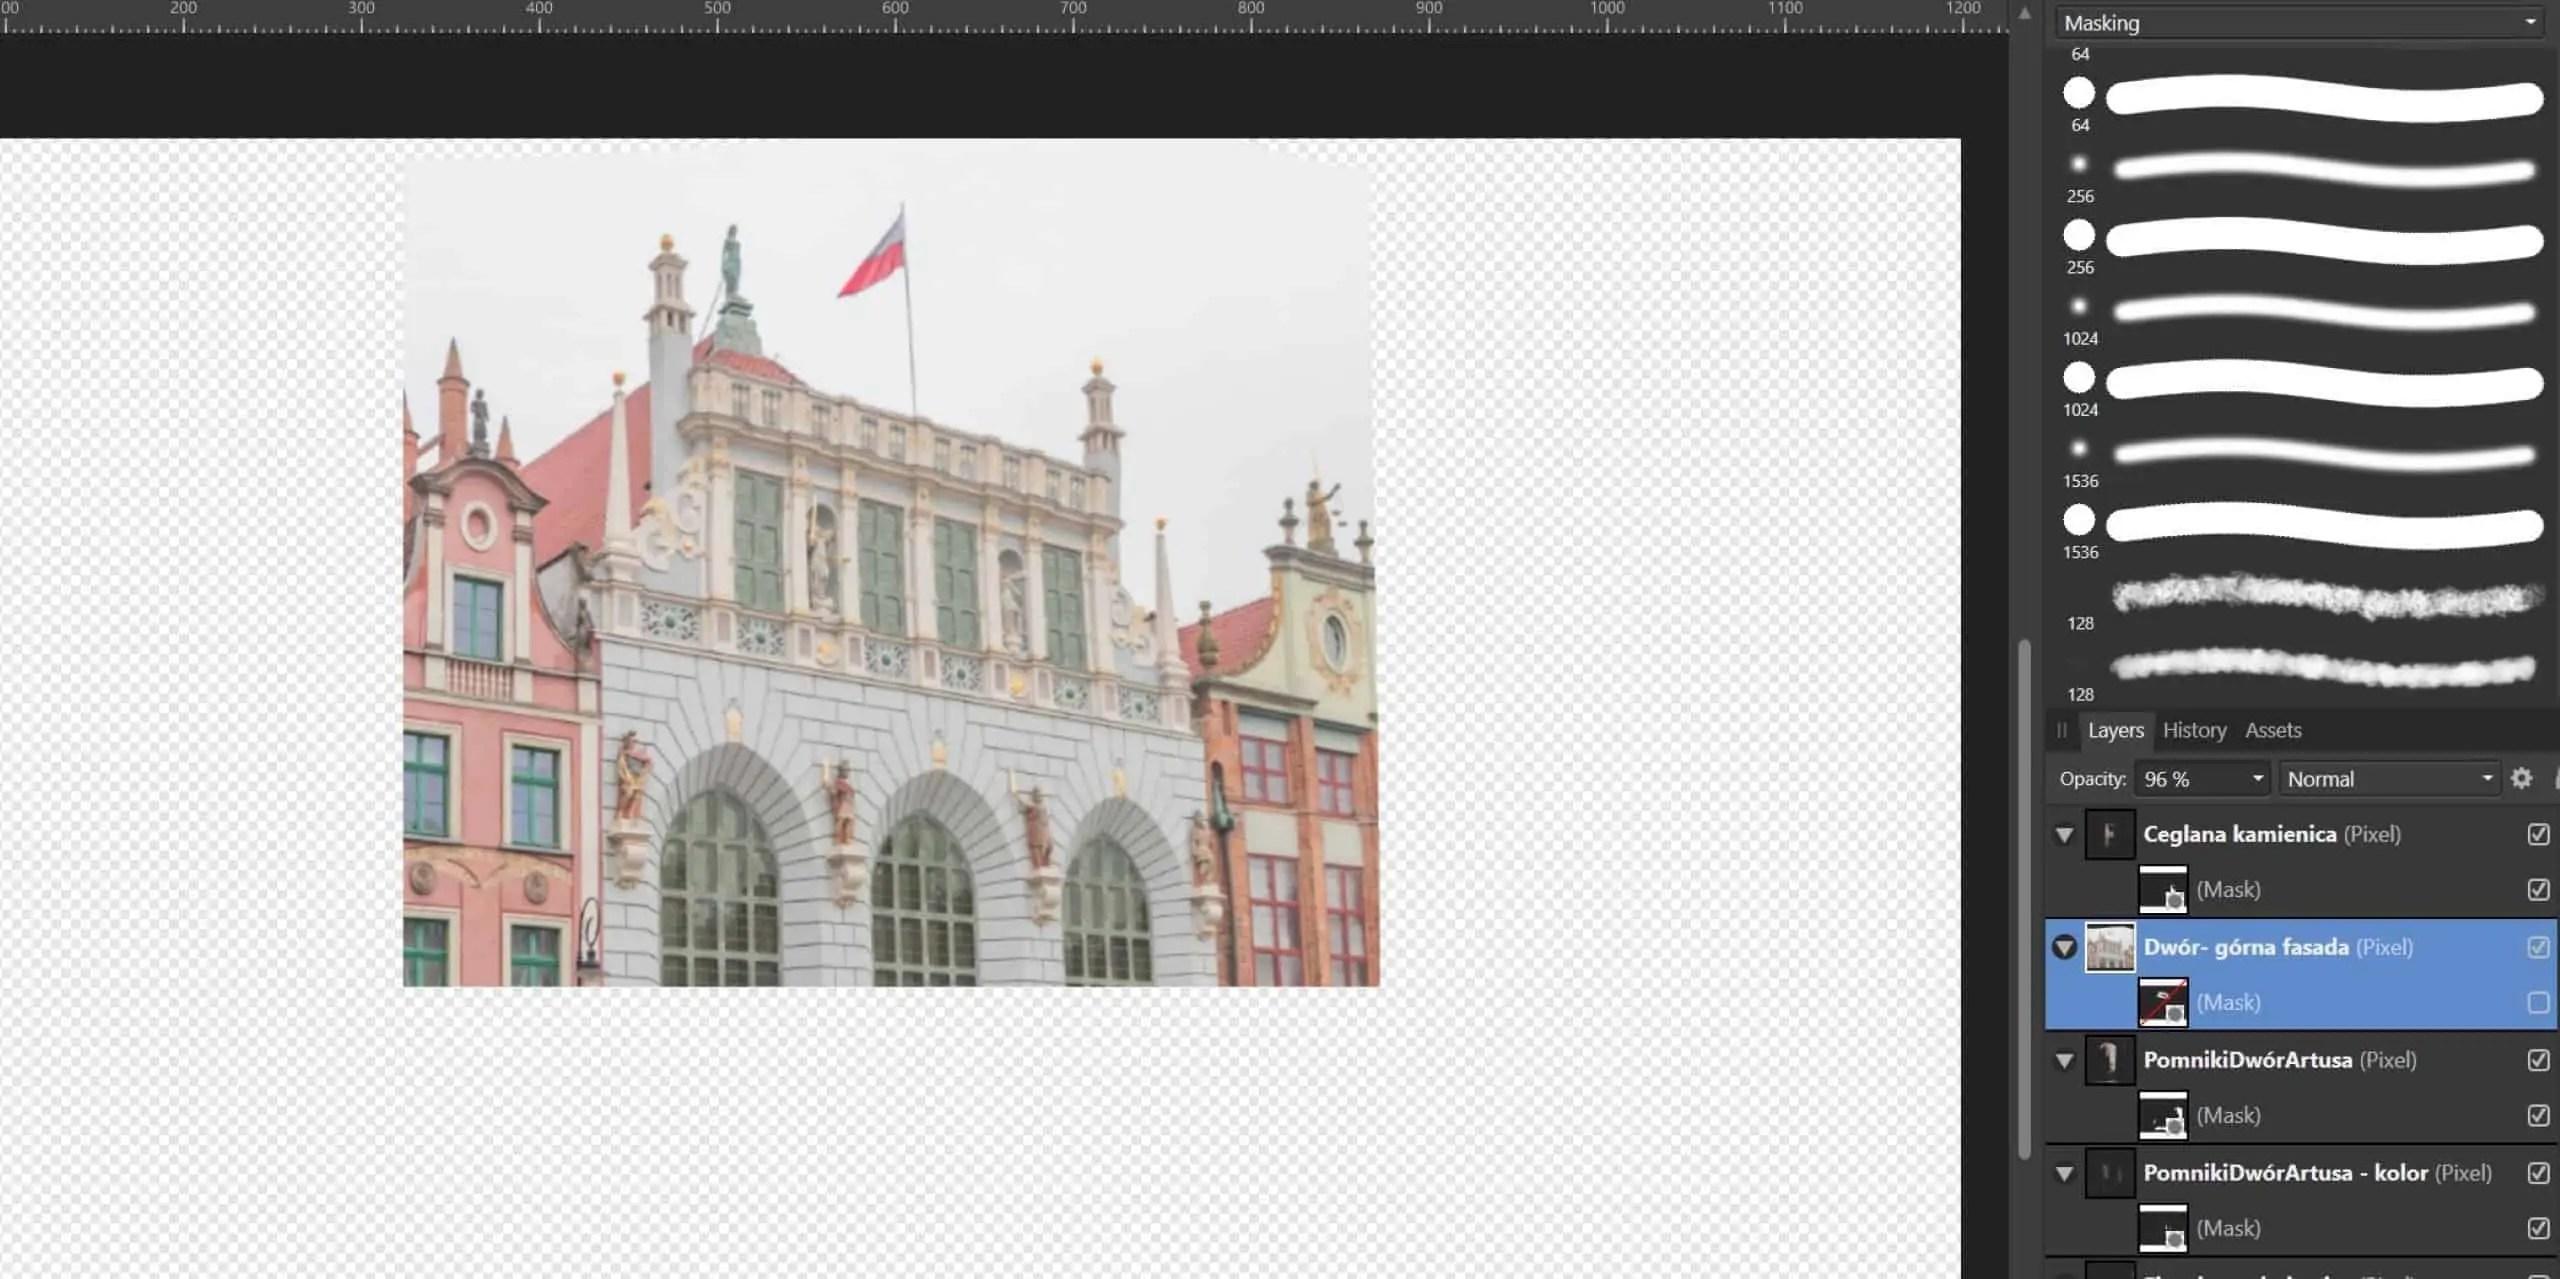 wyciecie ulatwie dopasowanie potrzebnego elementu i szybciej dziala - Zdjęcia starego Gdańska. Kompozycja w 5 prostych krokach !